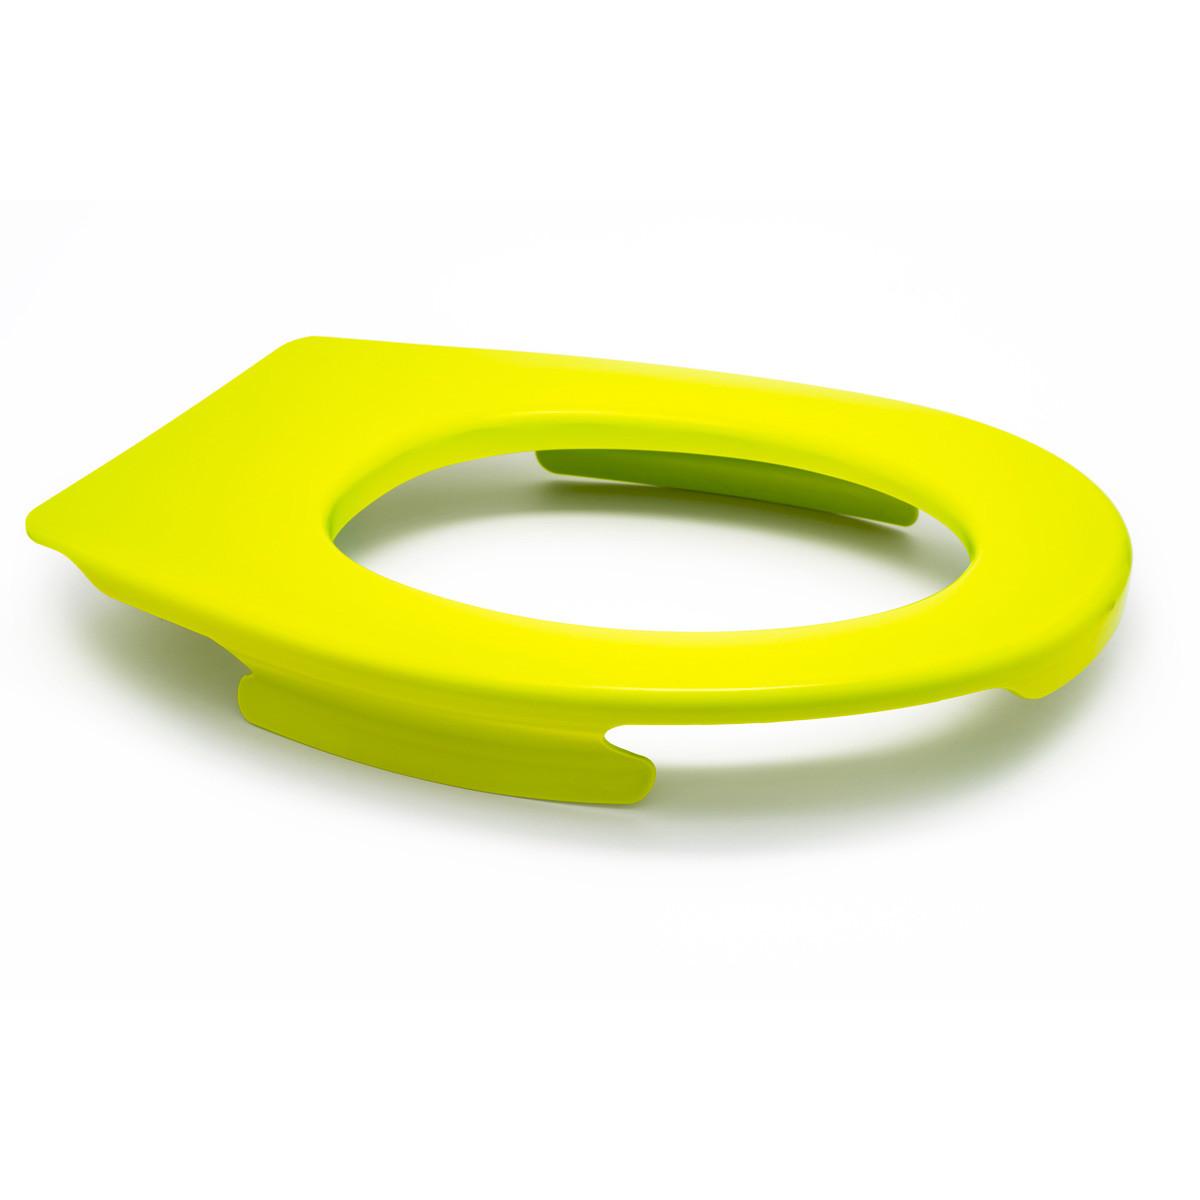 lunette wc clipsable papado 9 couleurs anjou connectique. Black Bedroom Furniture Sets. Home Design Ideas